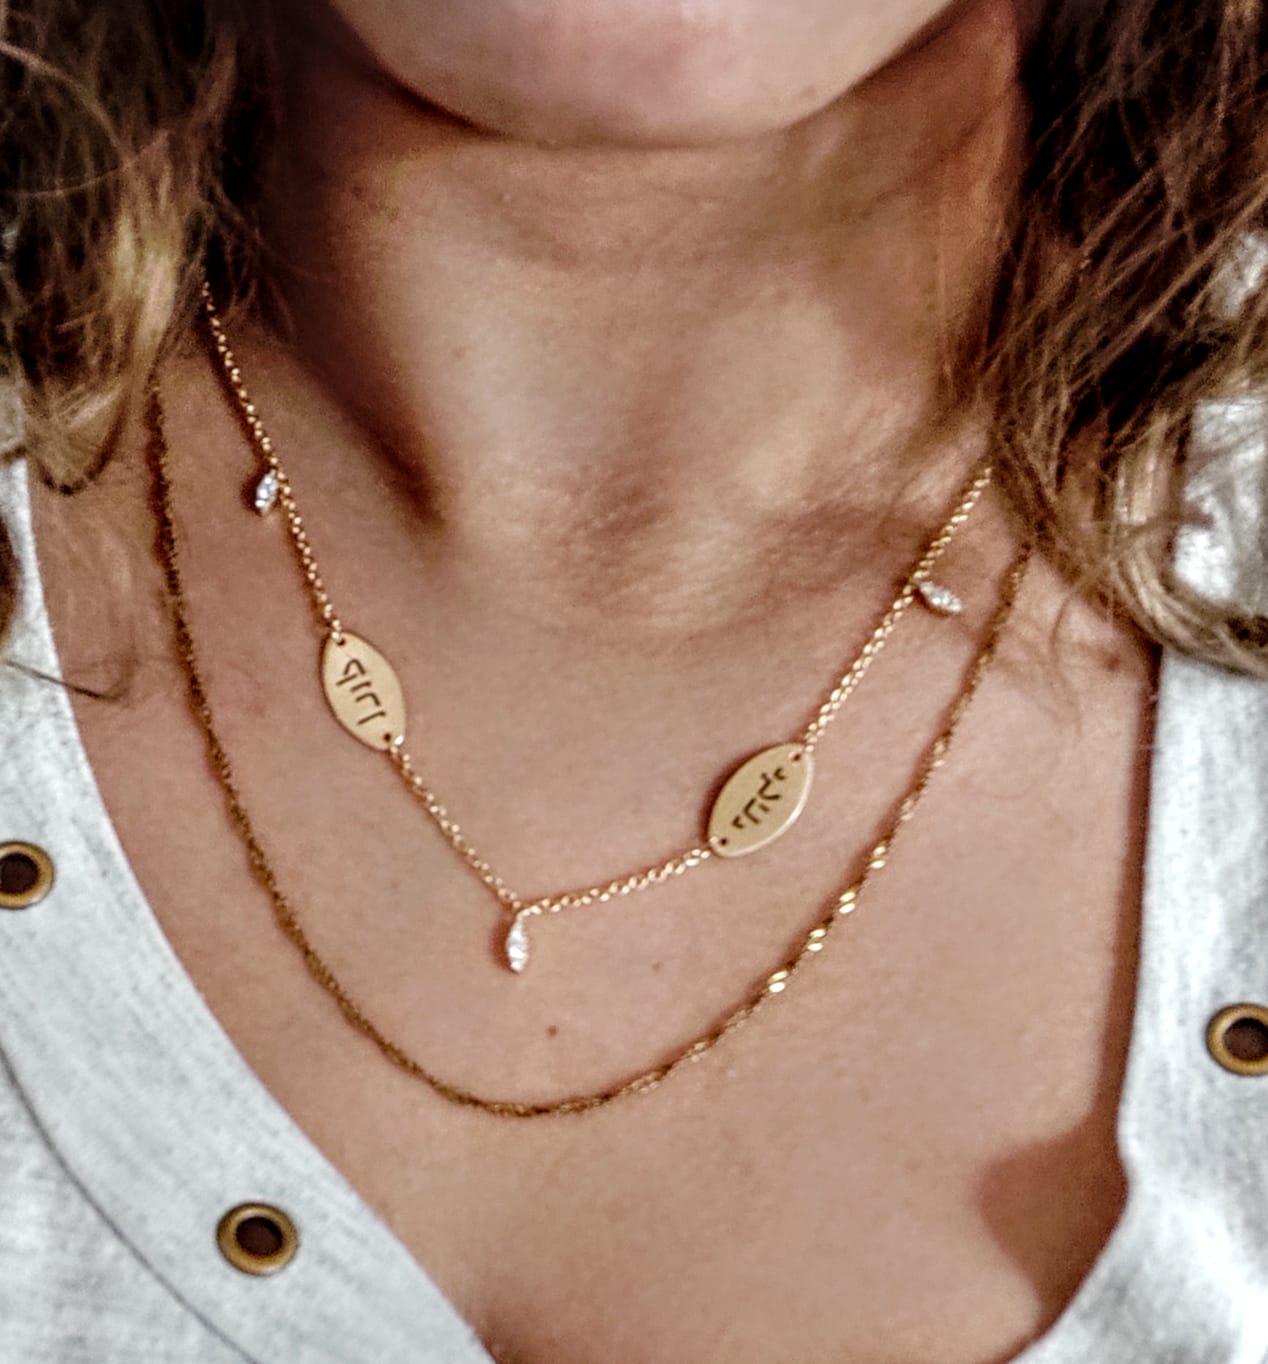 שרשרת זהב עם יהלומים וחריטה אישית